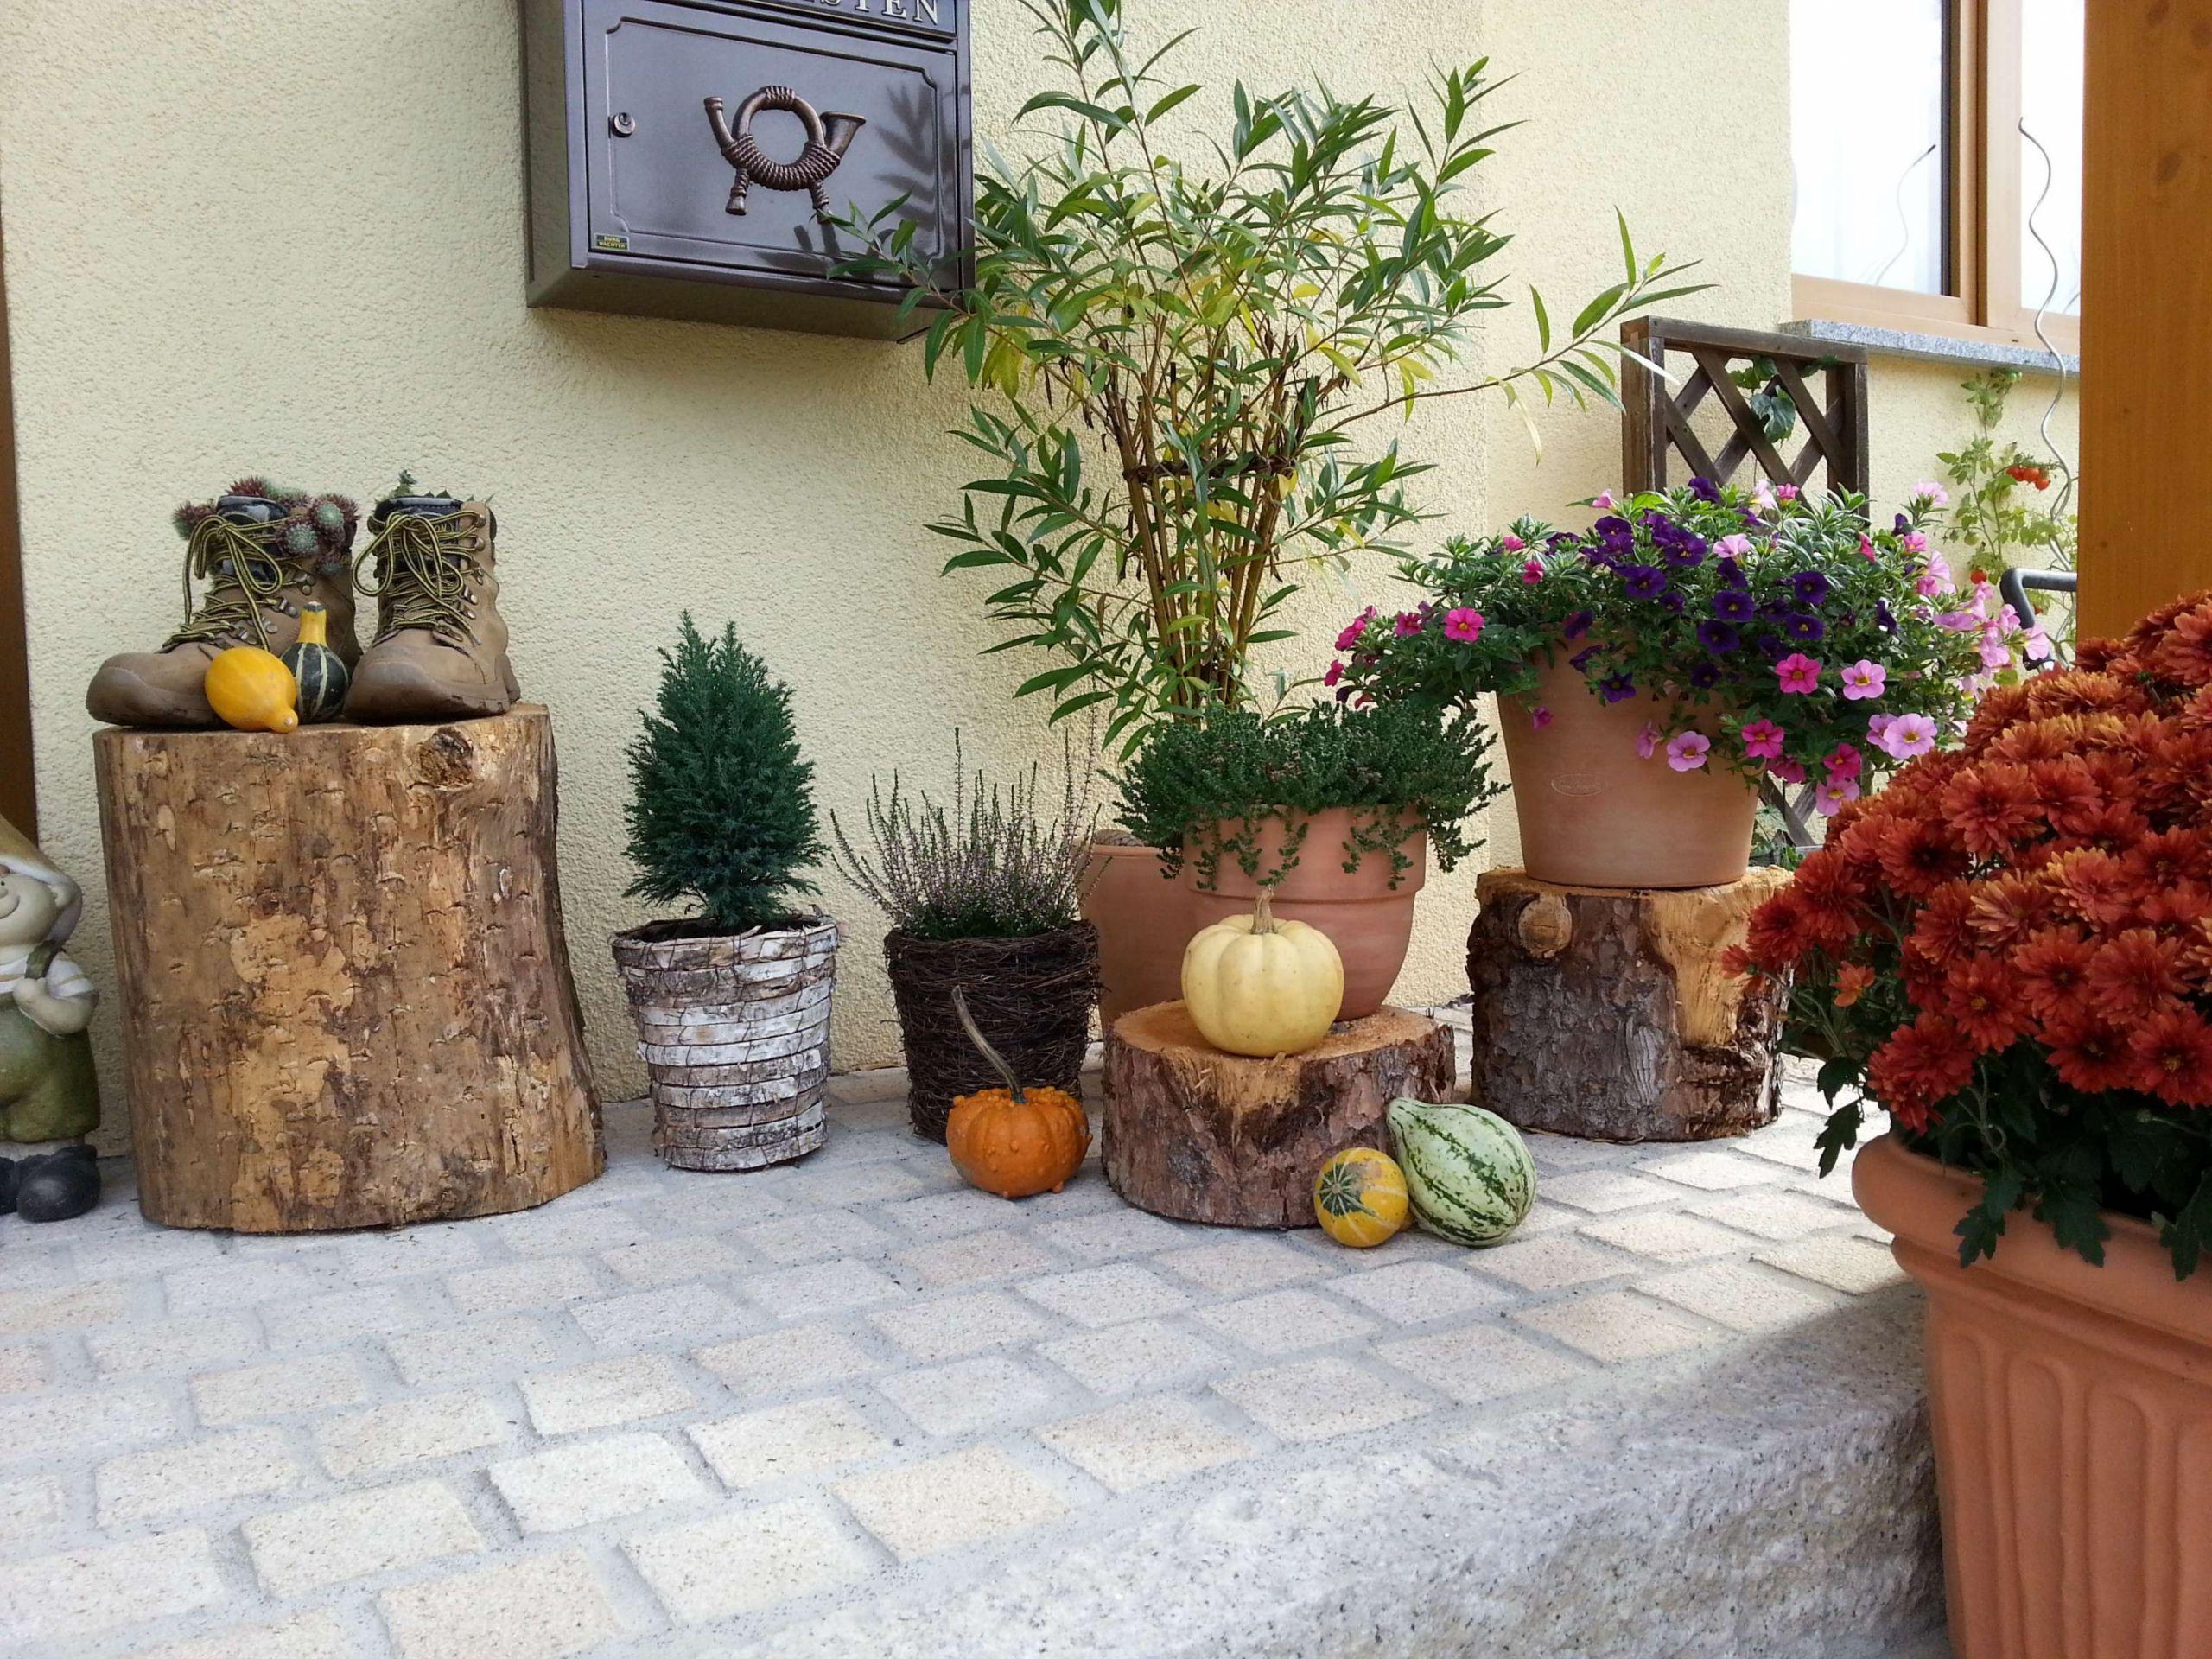 Bastelideen Für Den Garten Inspirierend Osterdeko Selber Machen Für Draußen — Temobardz Home Blog